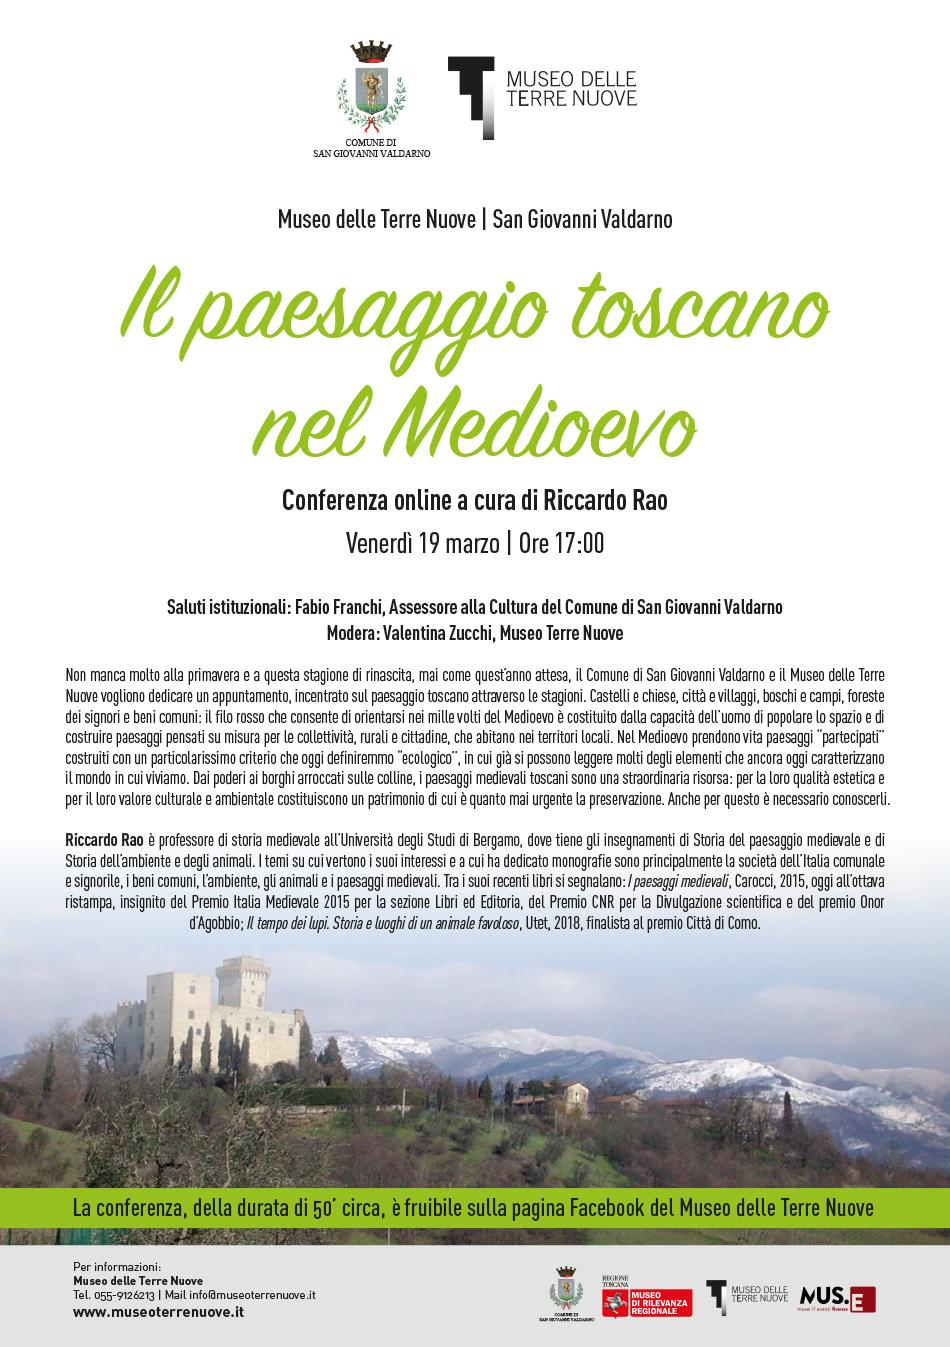 Paesaggio-toscano-nel-medioevo_MANIFESTO